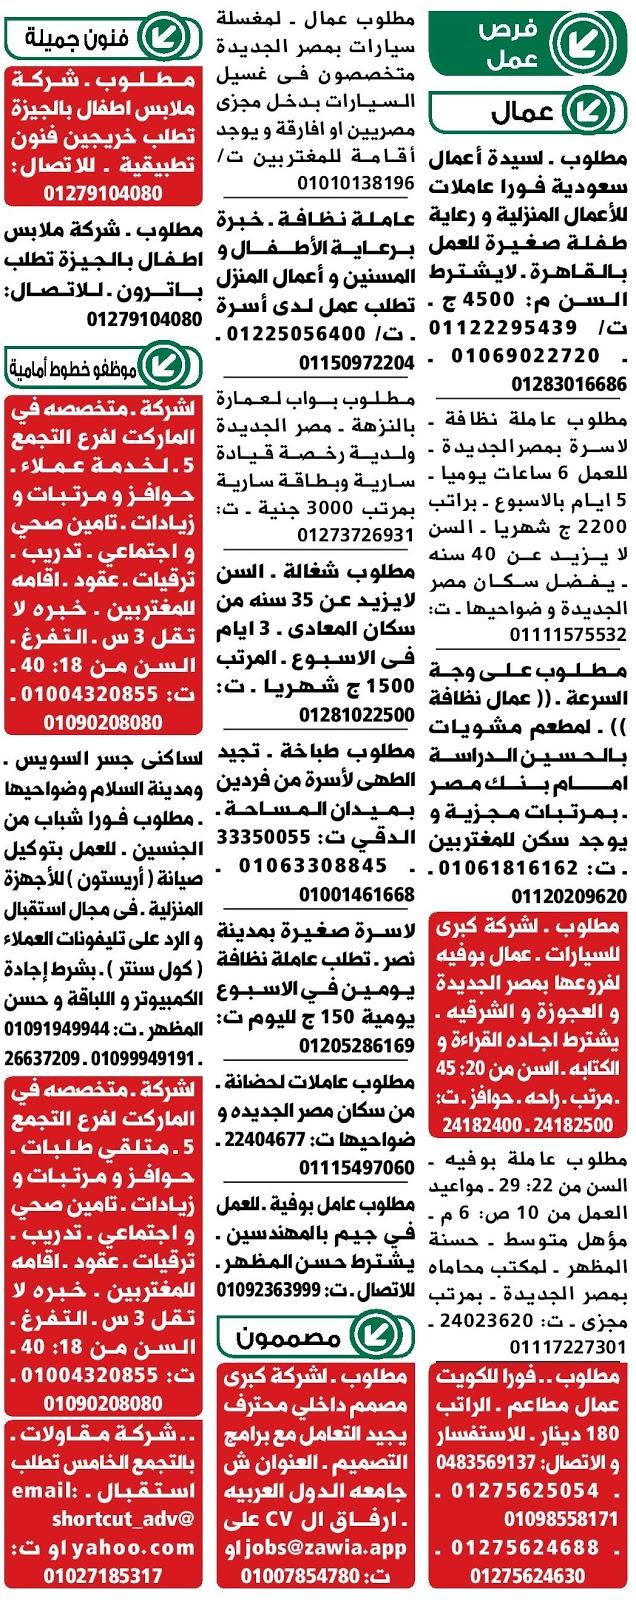 وظائف الوسيط القاهرة و الجيزة الجمعة 27 12 2019 الوسيط 27 ديسمبر 2019